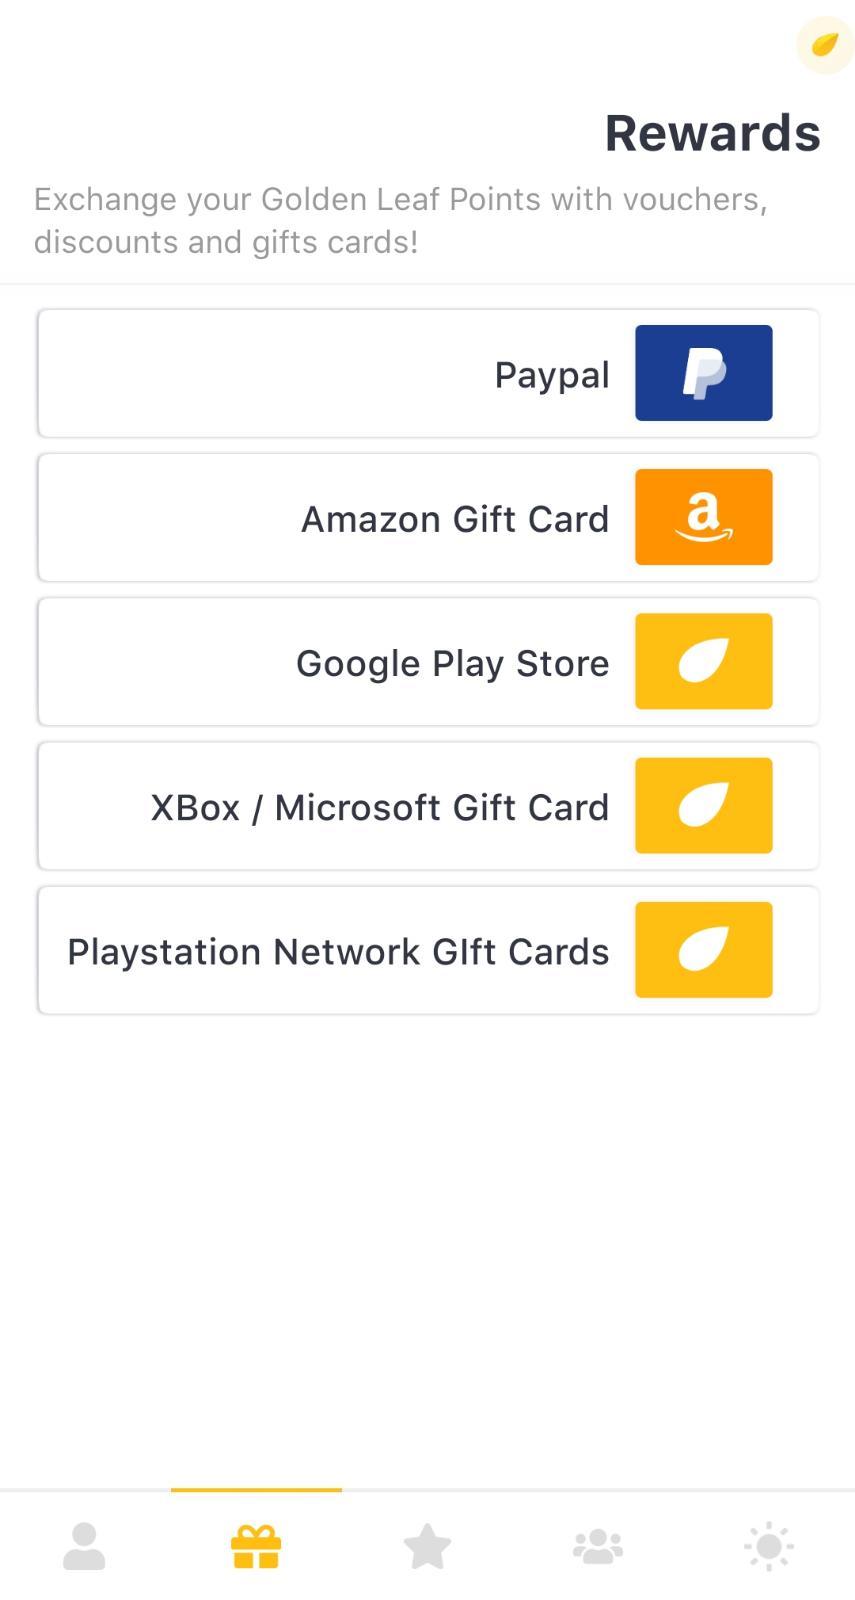 تطبيق رائع لربح رصيد باي بال مجانا + بطاقة جوجل بلاي 10$ + بطاقات امازون